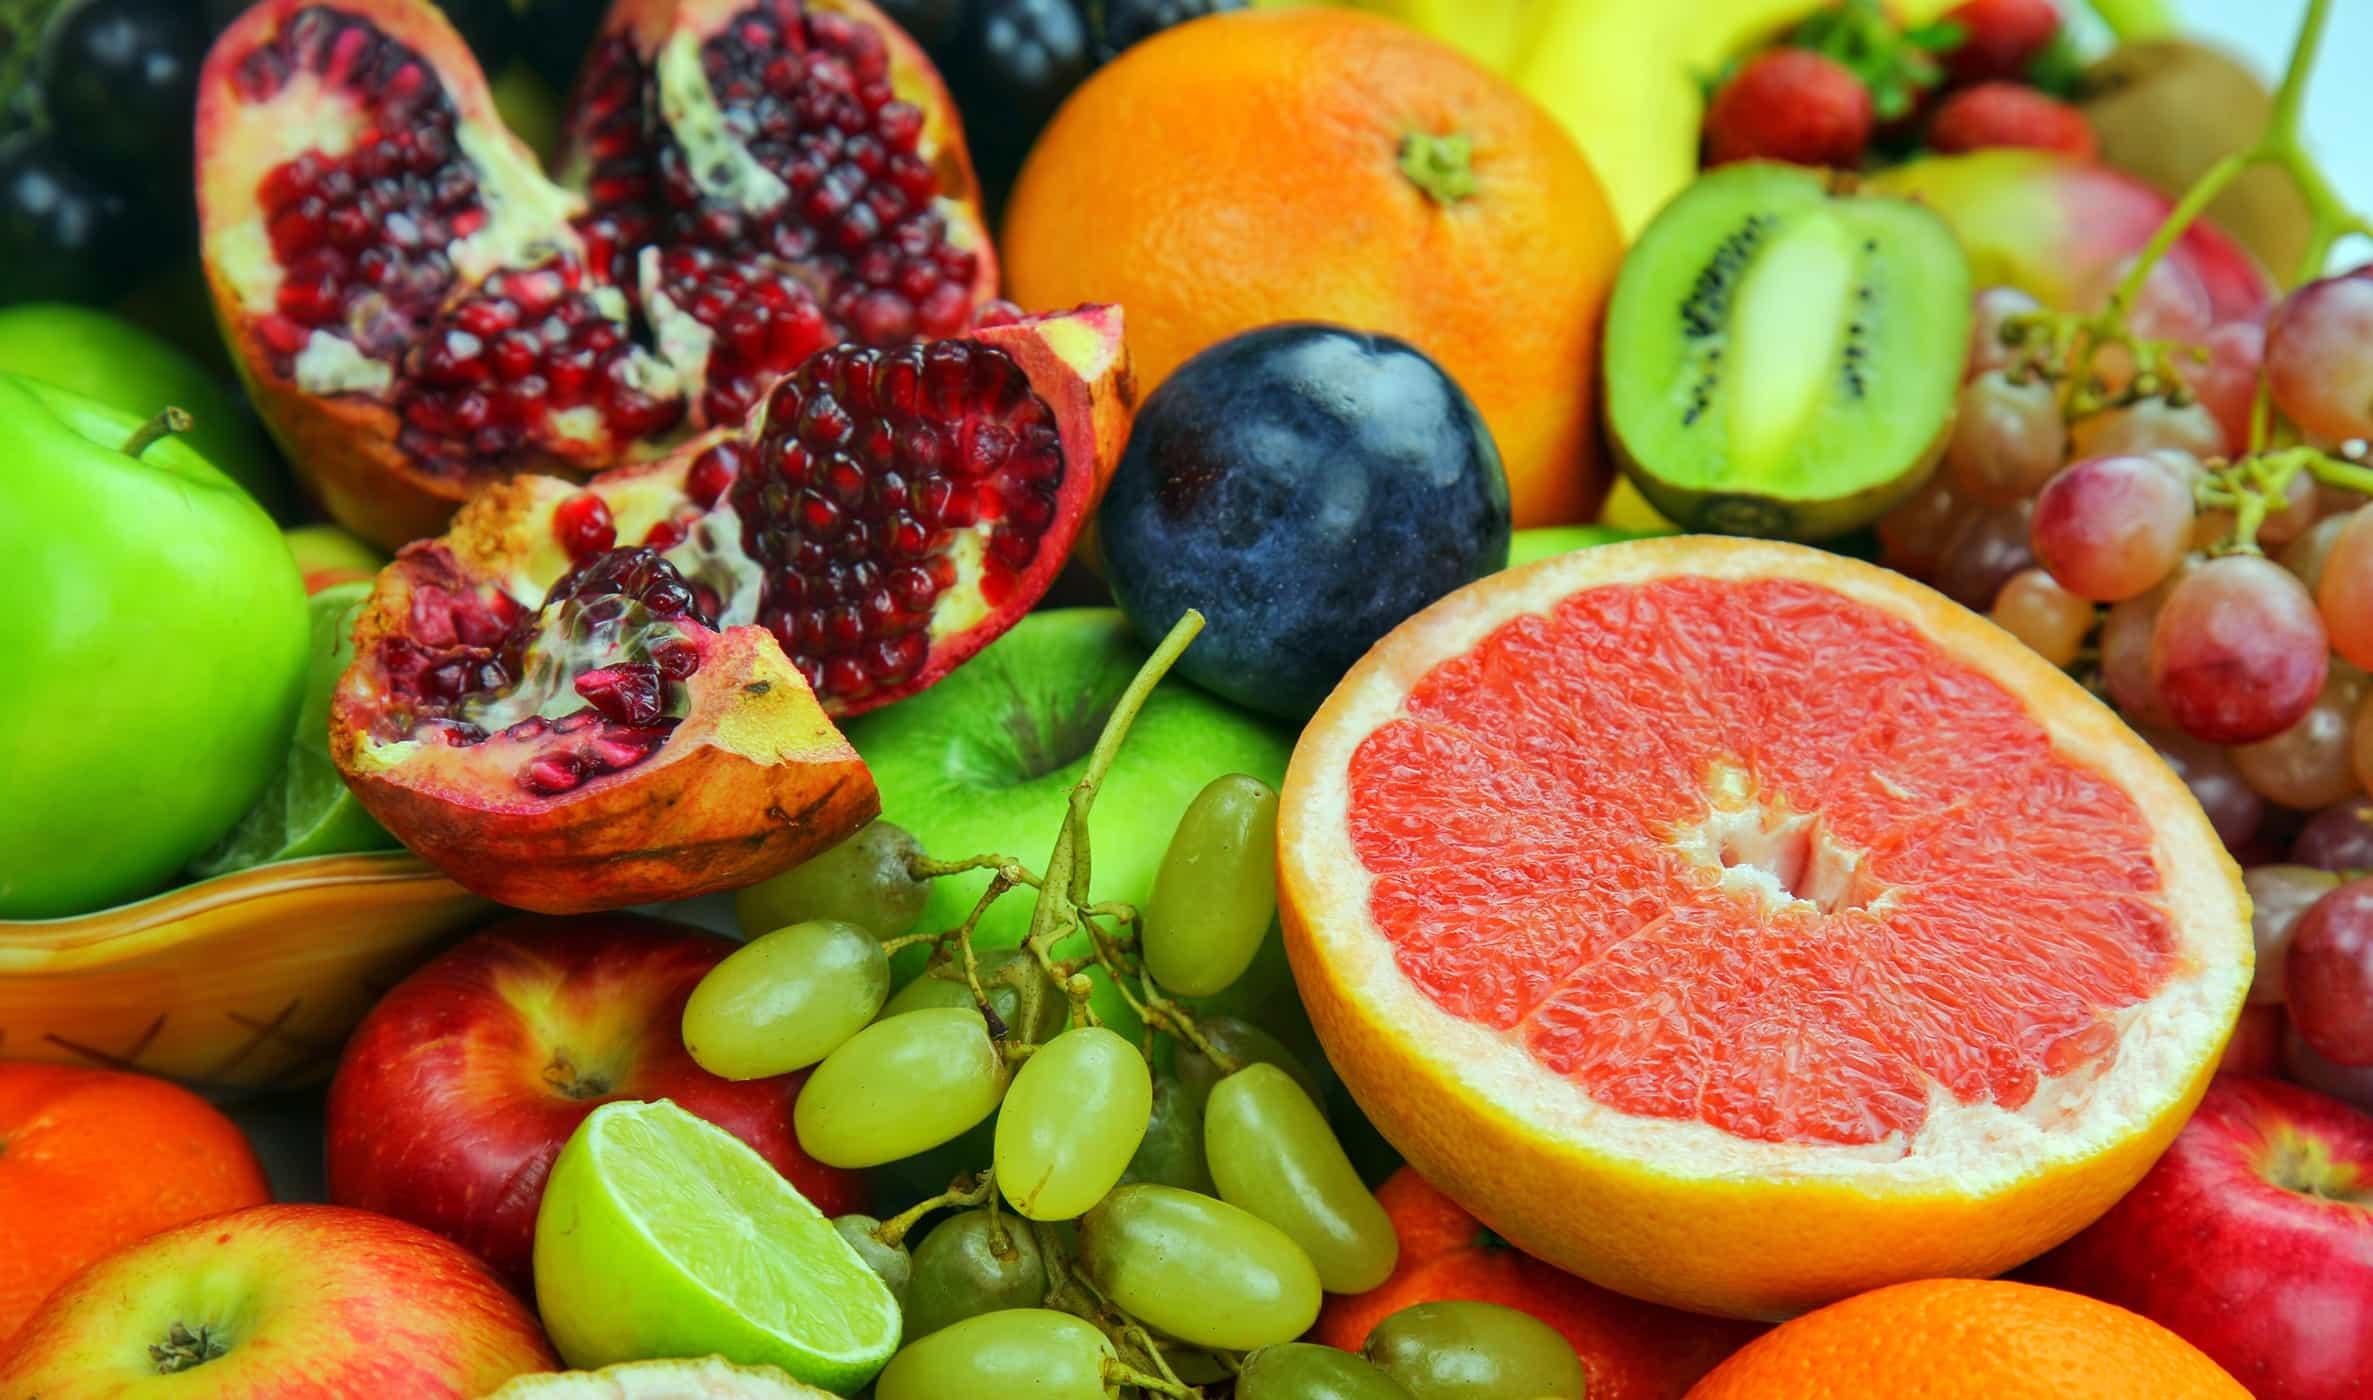 Bạn có biết trẻ 7 tháng tuổi ăn được những hoa quả gì?